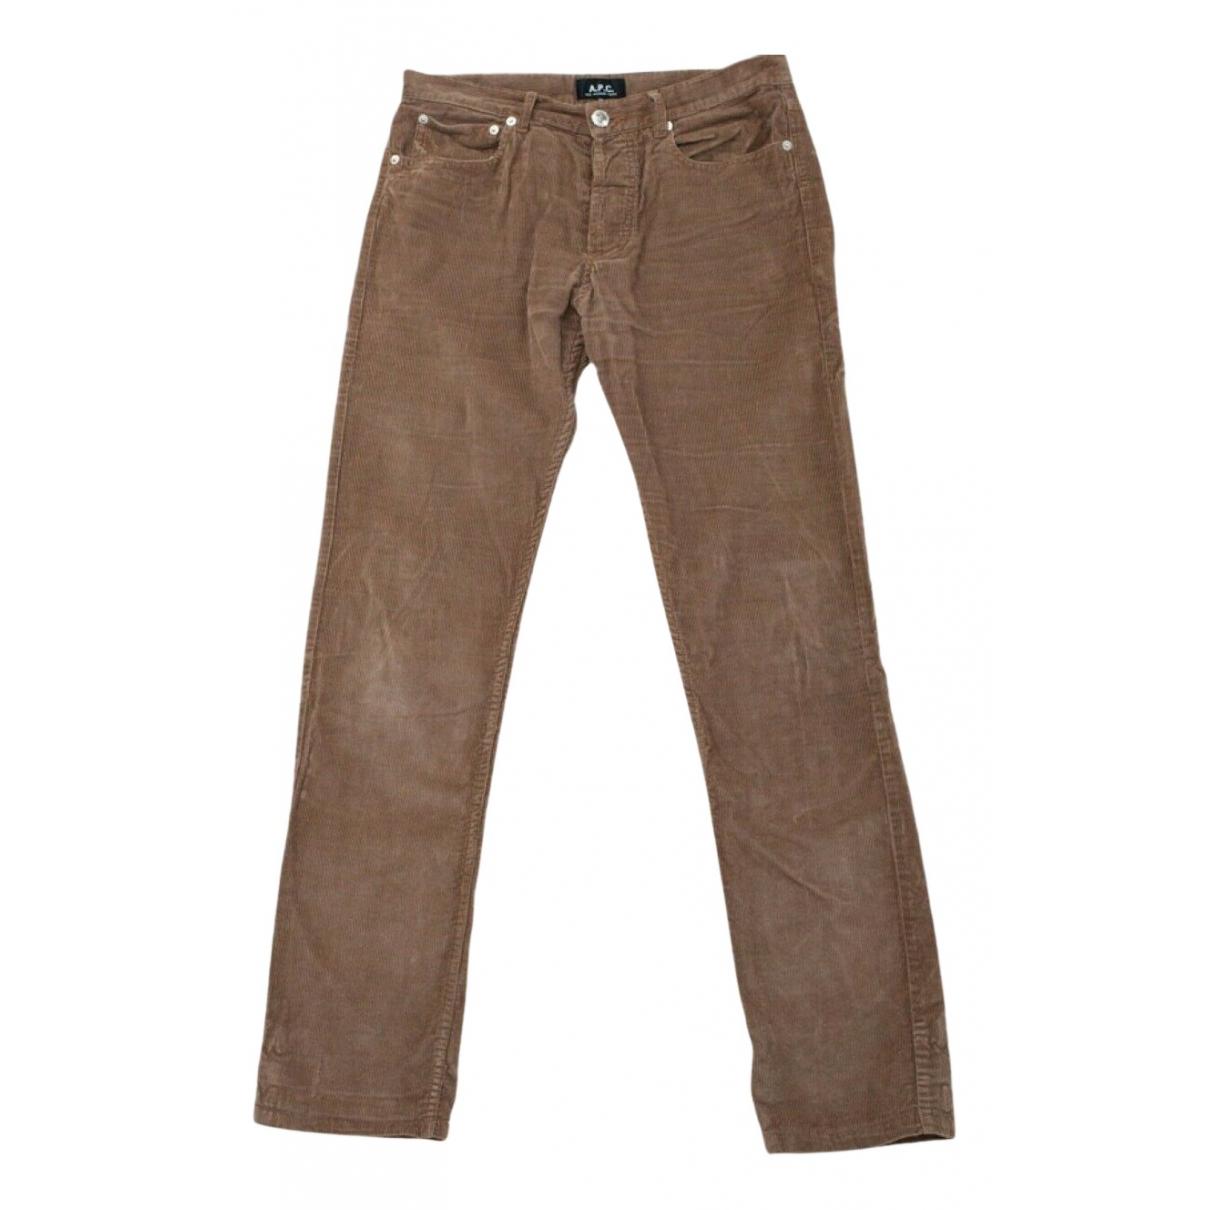 Apc N Camel Velvet Trousers for Men 30 UK - US